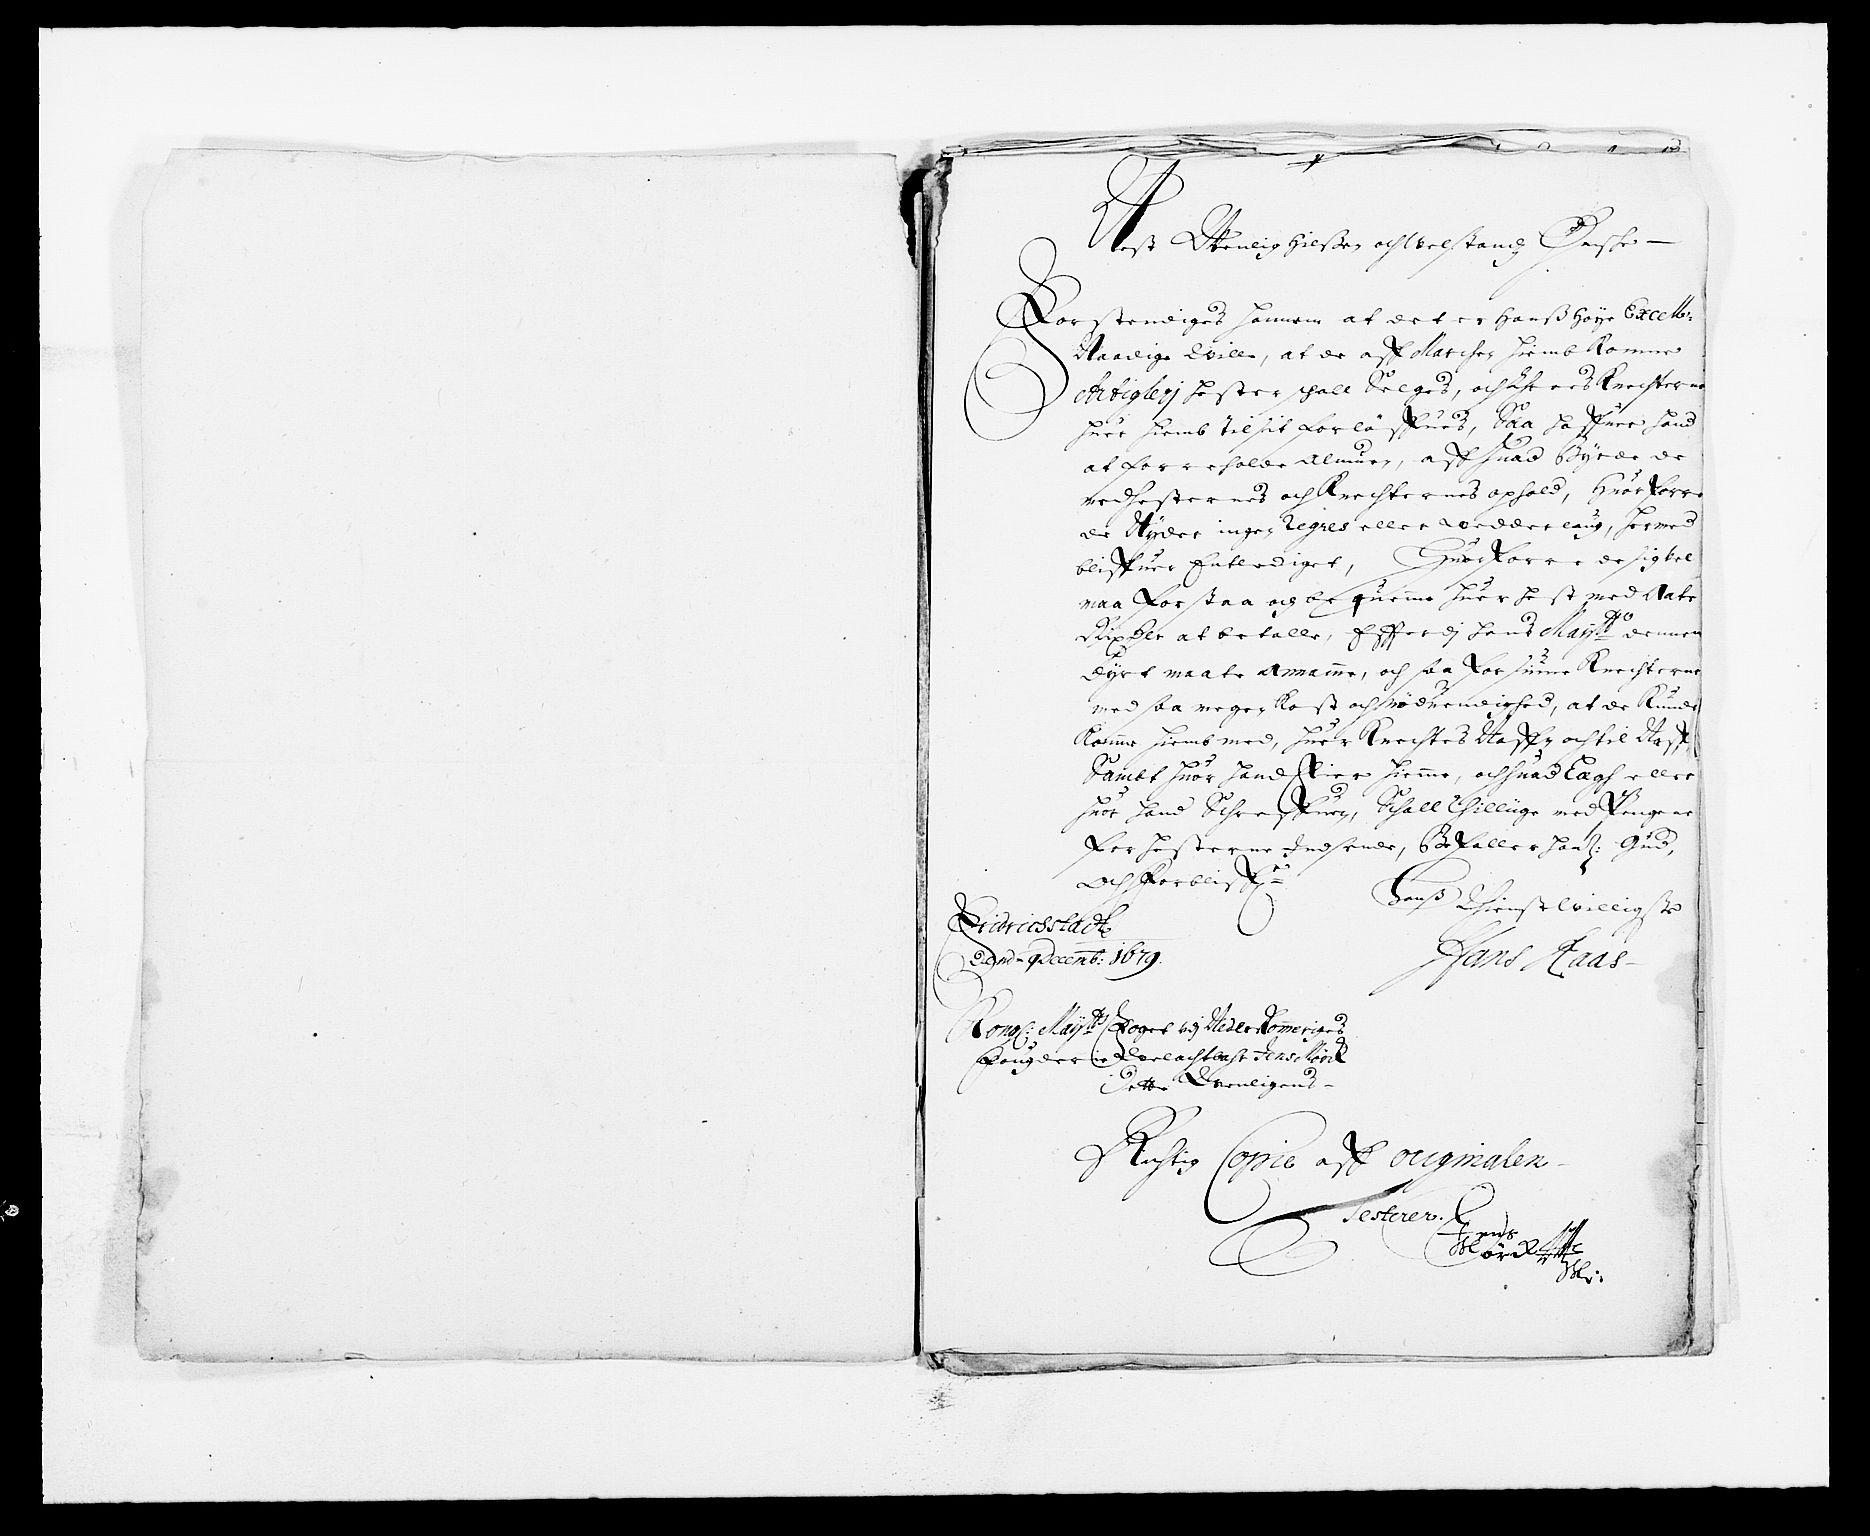 RA, Rentekammeret inntil 1814, Reviderte regnskaper, Fogderegnskap, R11/L0568: Fogderegnskap Nedre Romerike, 1679, s. 249